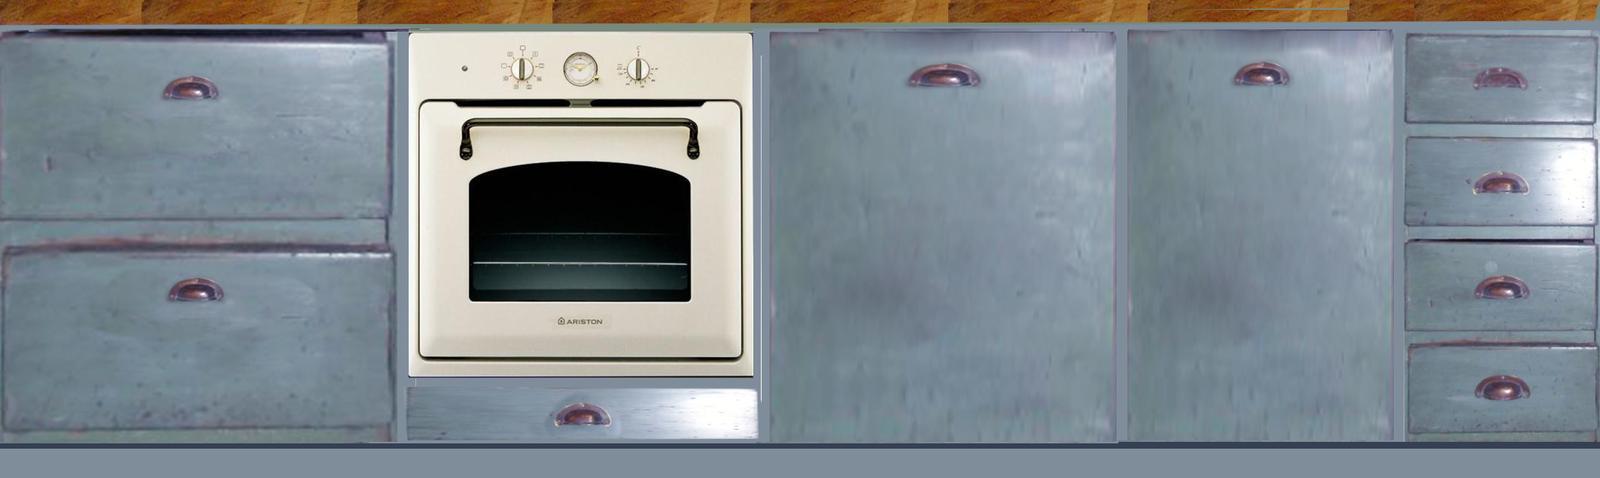 Modernizujeme kuchyňku - Obrázek č. 23